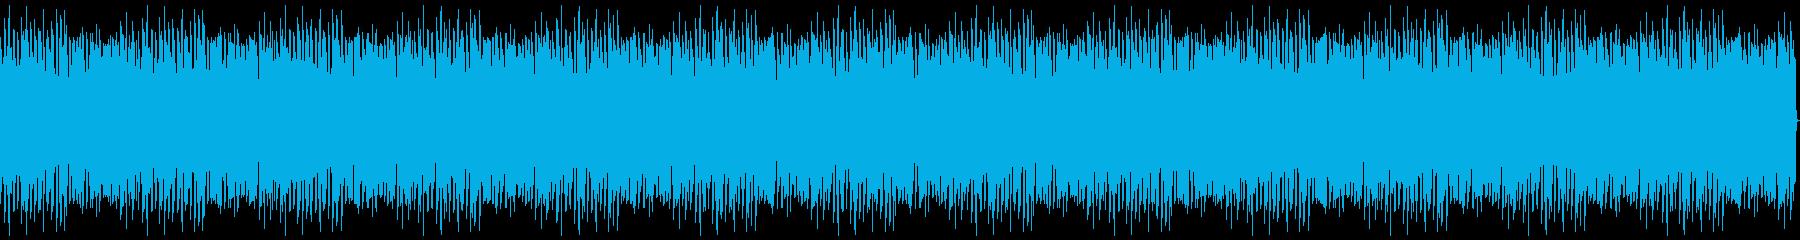 知育・ワルツ・パズル・日常ピアノ46Lの再生済みの波形